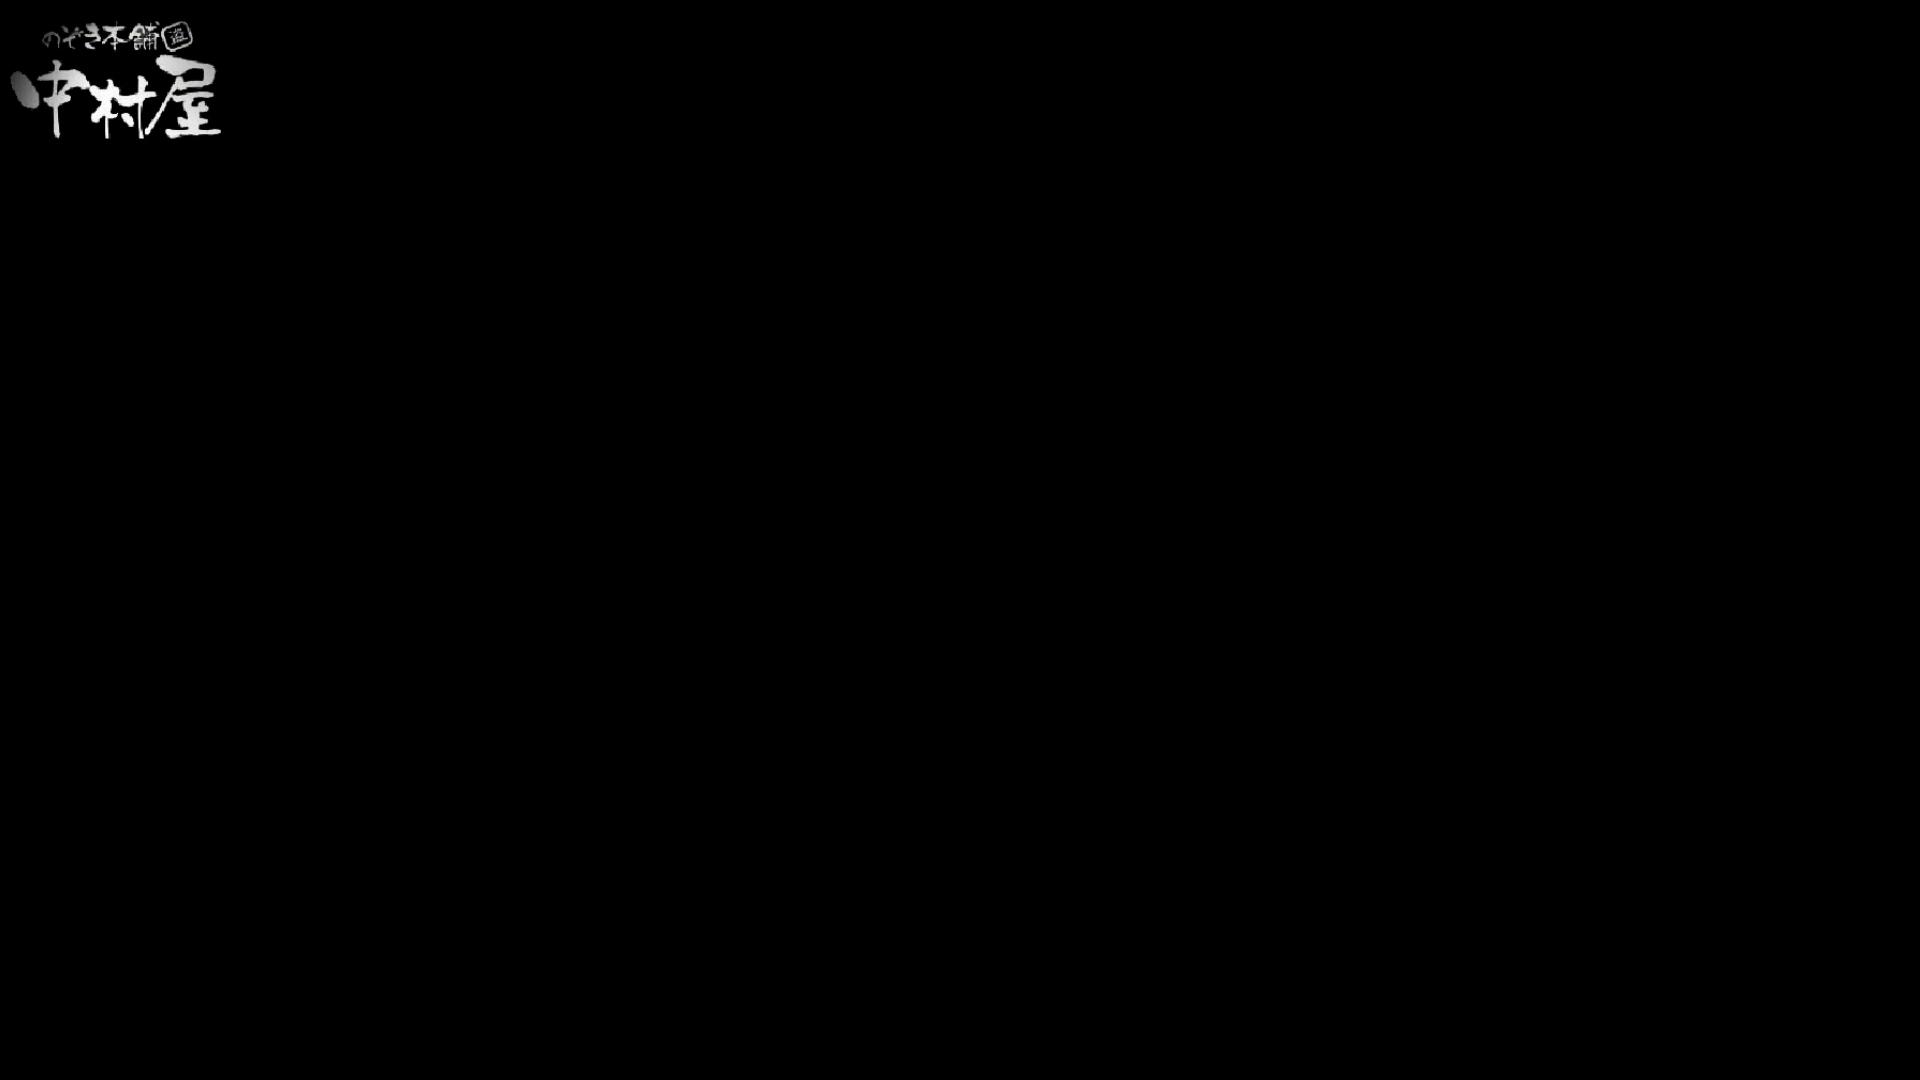 雅さんが厳選新年特別コンテンツ!激走!東京マラソン選手専用女子トイレvol.9 お尻特集 おまんこ動画流出 53連発 52